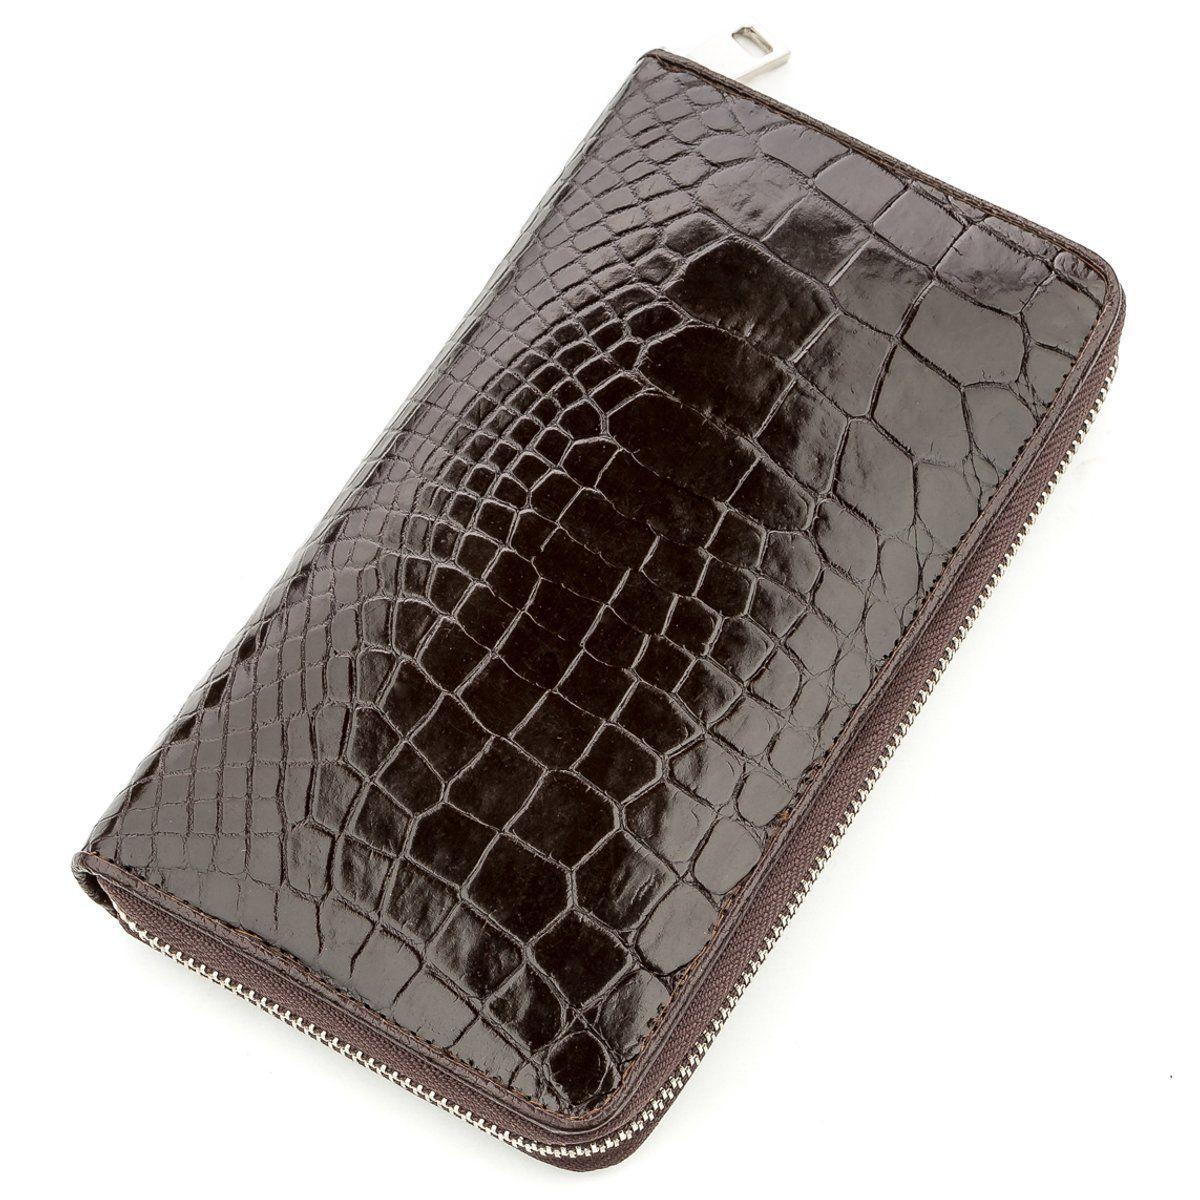 Мужской клатч Ekzotic Leather из натуральной кожи крокодила Коричневый (cb 27)